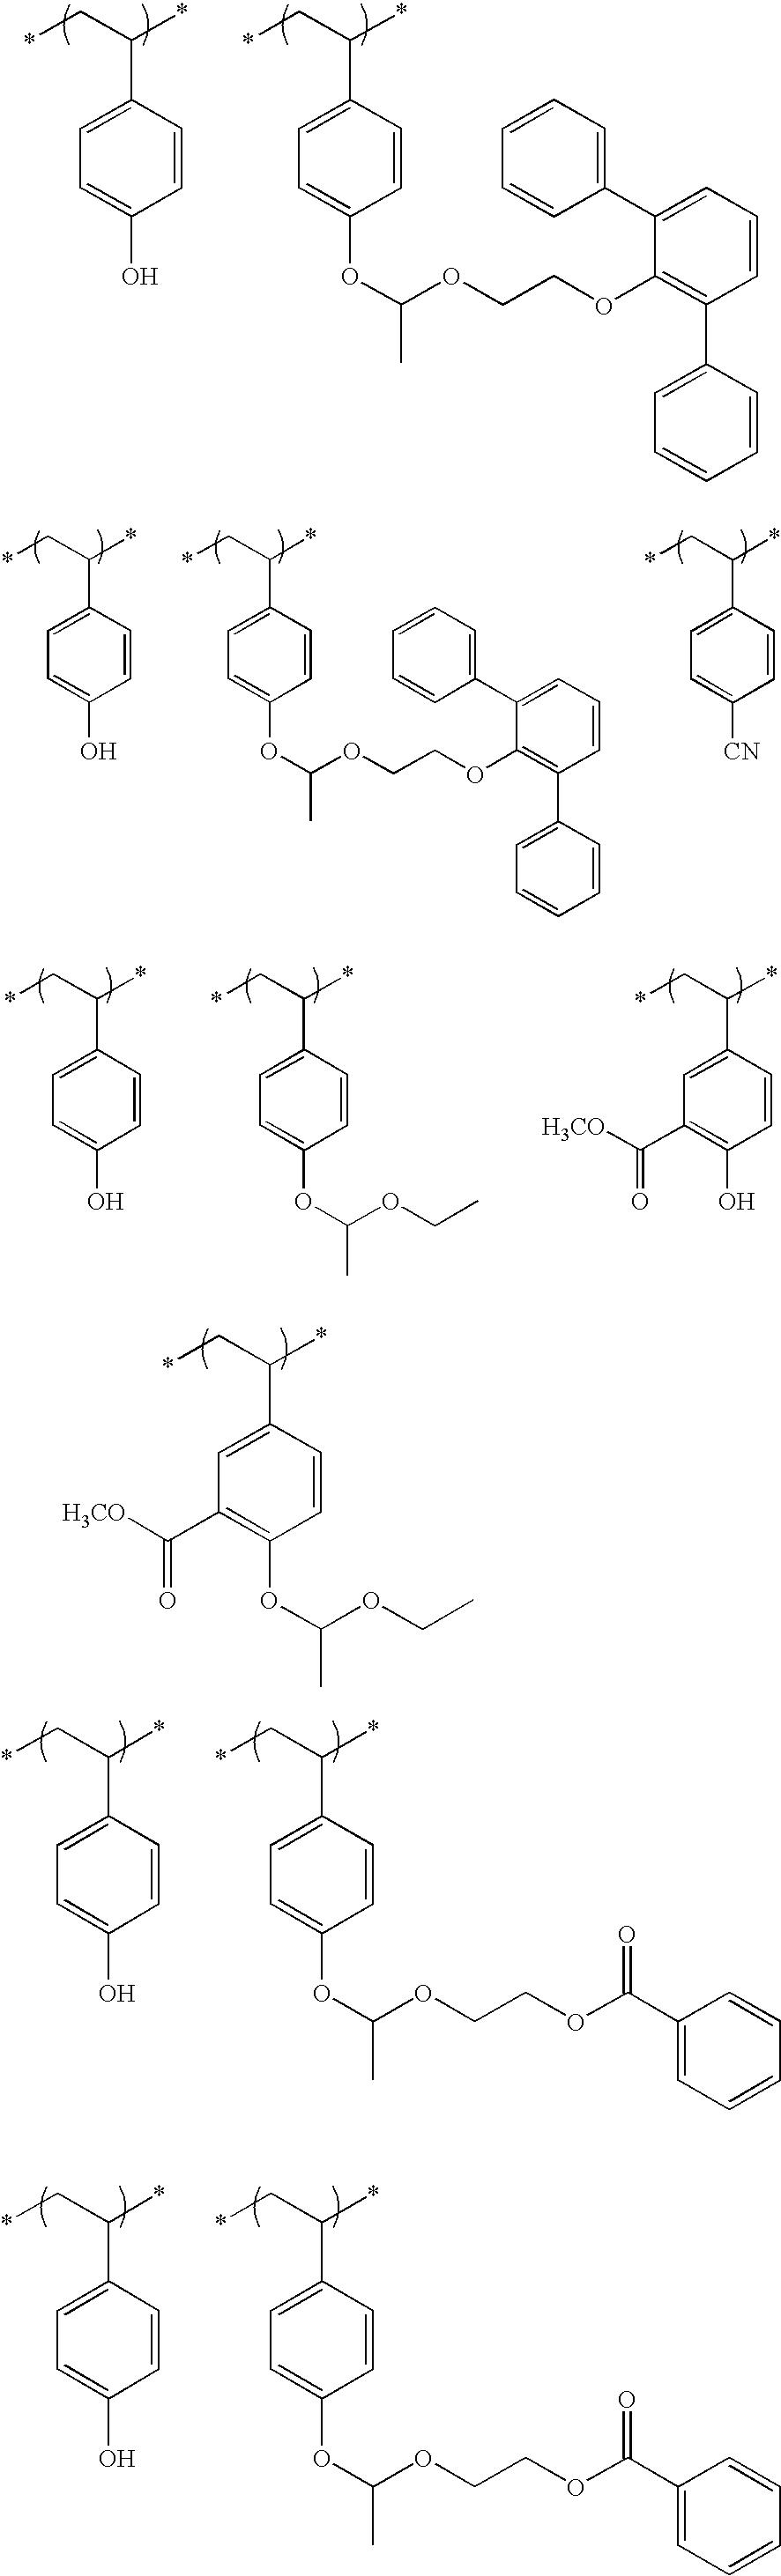 Figure US20100183975A1-20100722-C00214